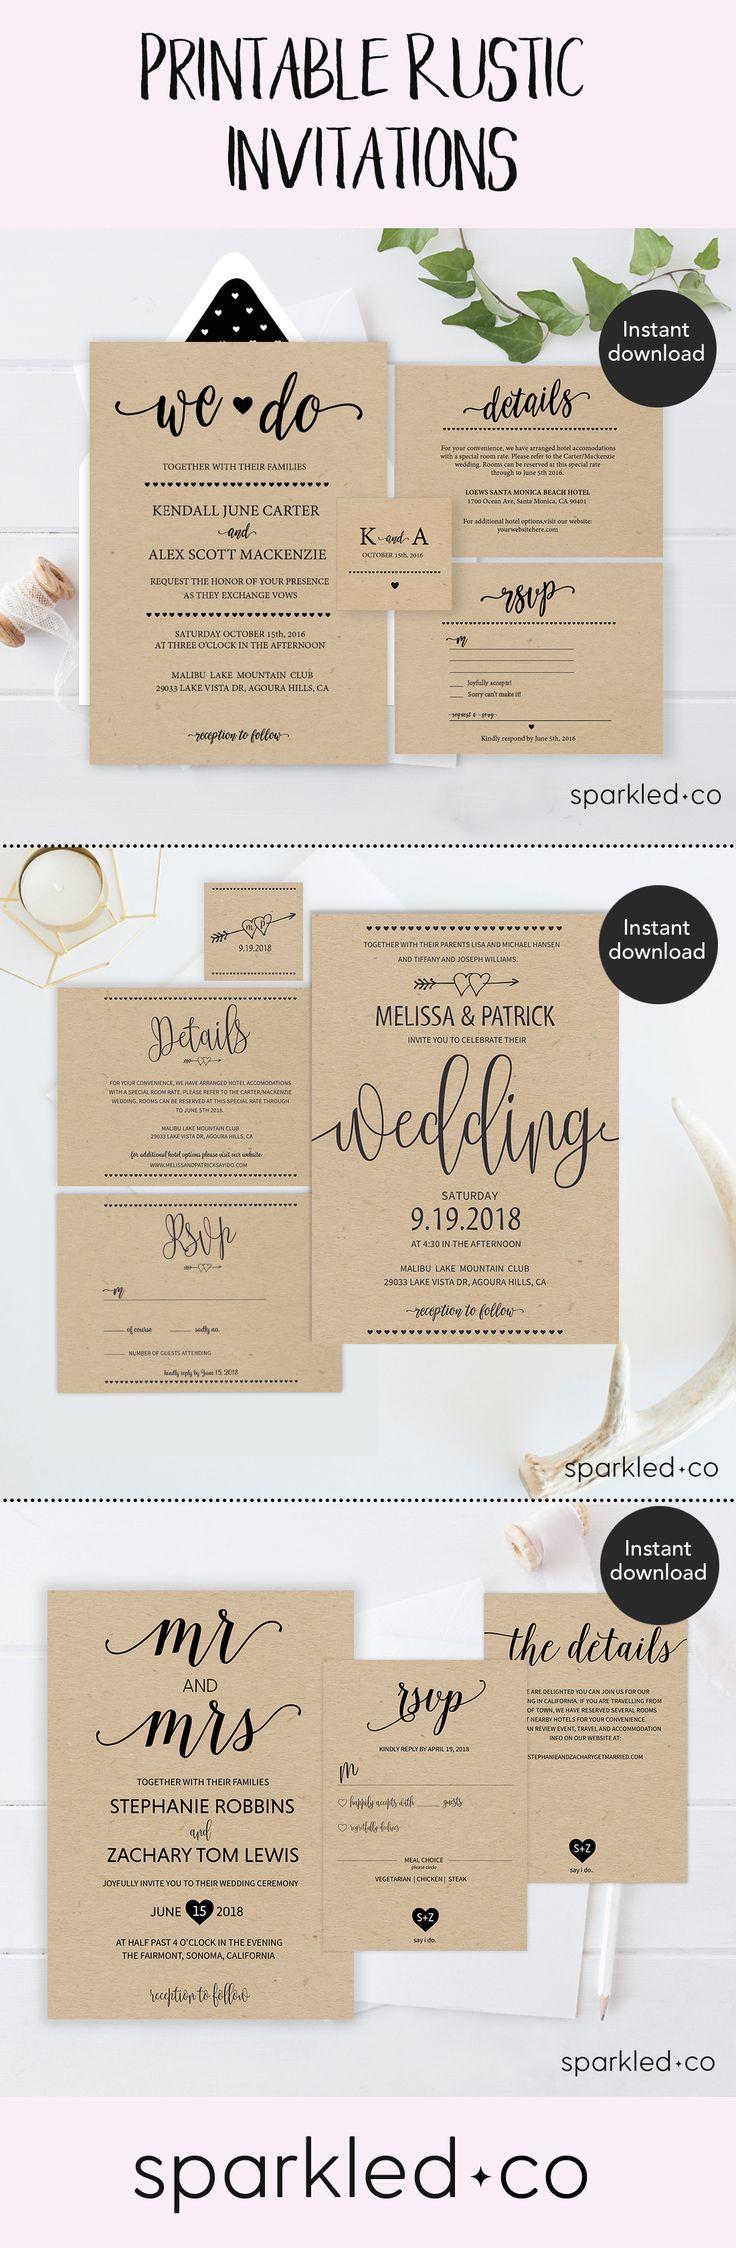 affordable wedding invitations cheap wedding invitation Rustic Wedding Invitation Template Wedding Invitation Templates Wedding Cards Cheap Wedding Invitations Printable Wedding Invitations